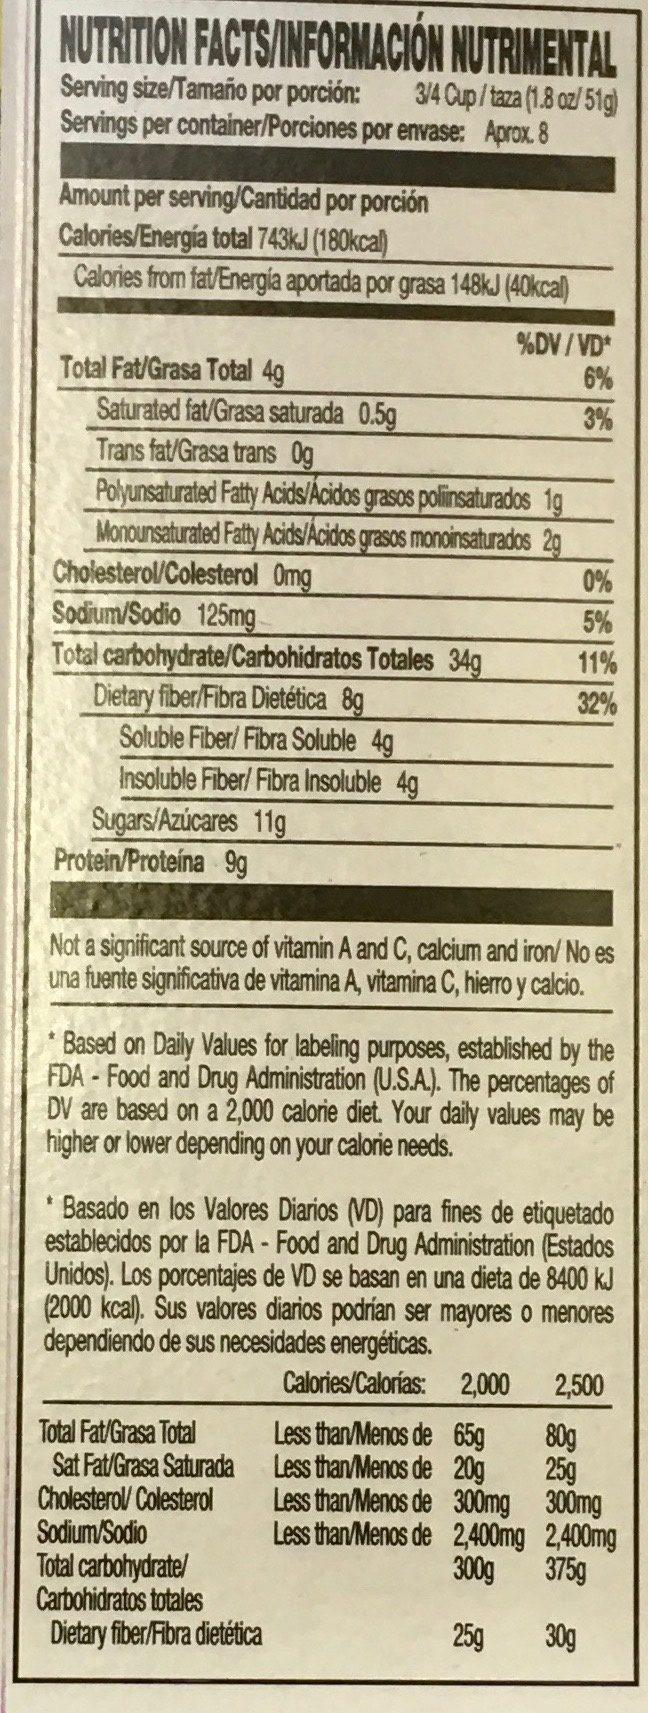 Kashi Golean Cereal Crisp Toasted Berry 14oz - Información nutricional - es